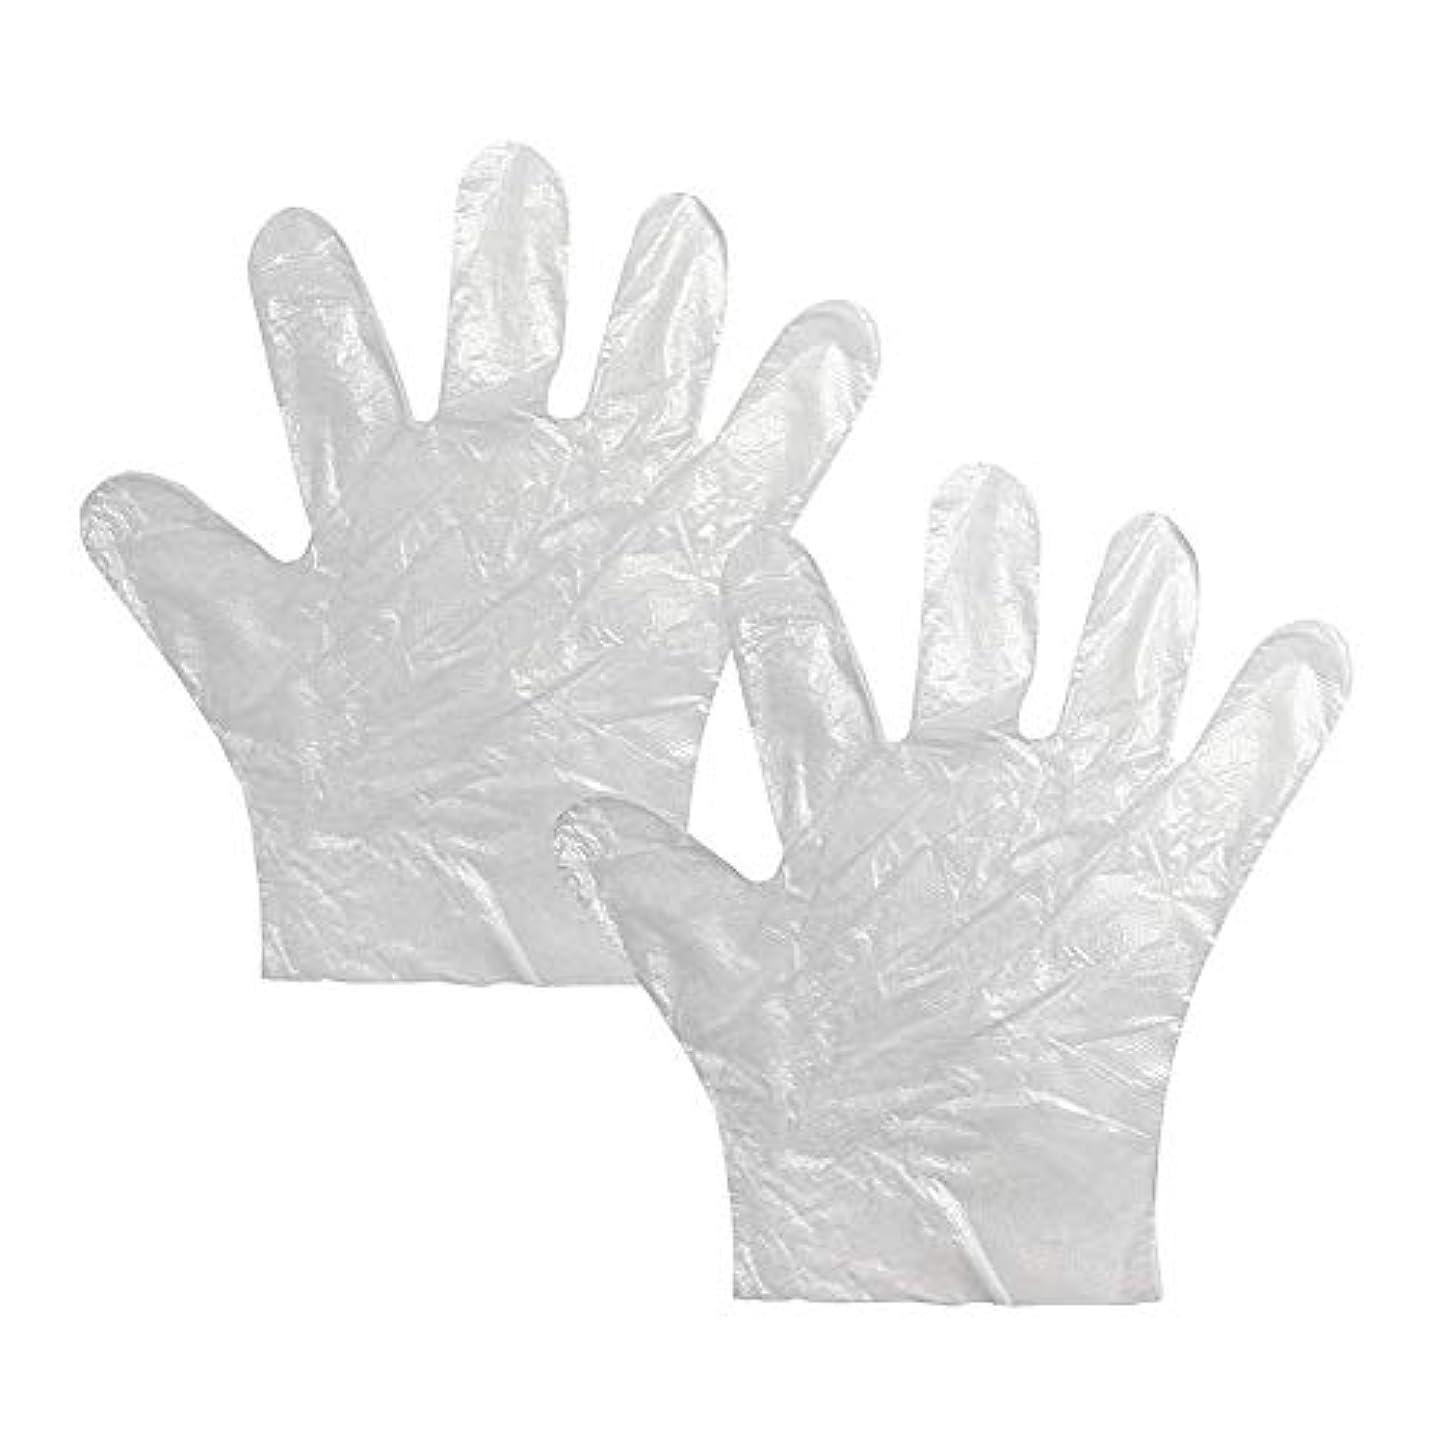 ケントパワーセルホステス使い捨て手袋 極薄ビニール手袋 ポリエチレン 透明 実用 衛生 100枚*2セット